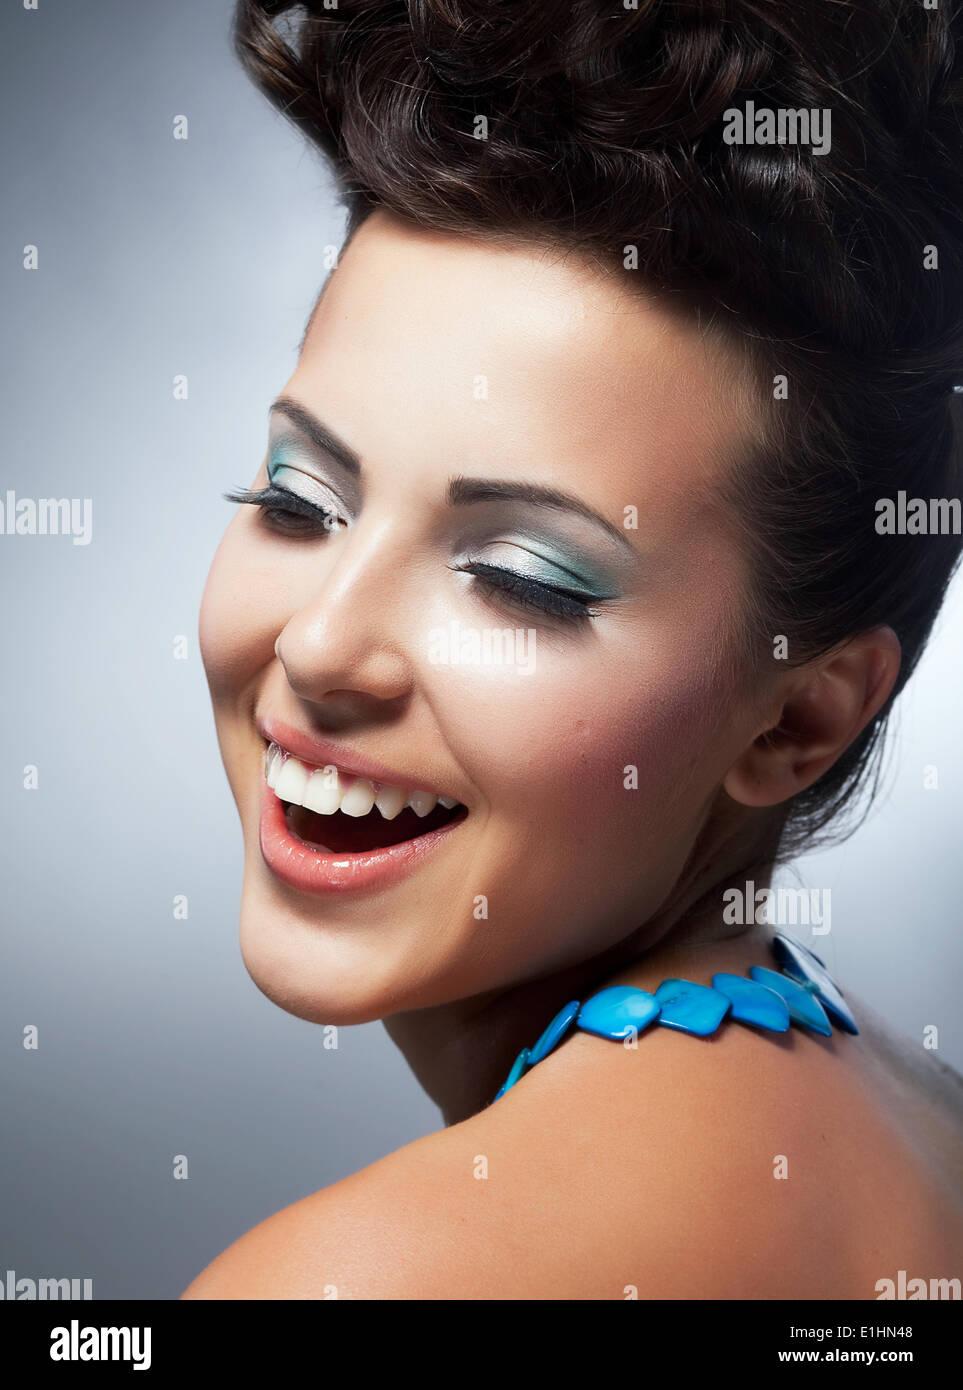 Bliss. Genuss. Stets gut gelaunte Frau Gesicht mit glücklichen Lächeln. Glück & Felicity Stockbild